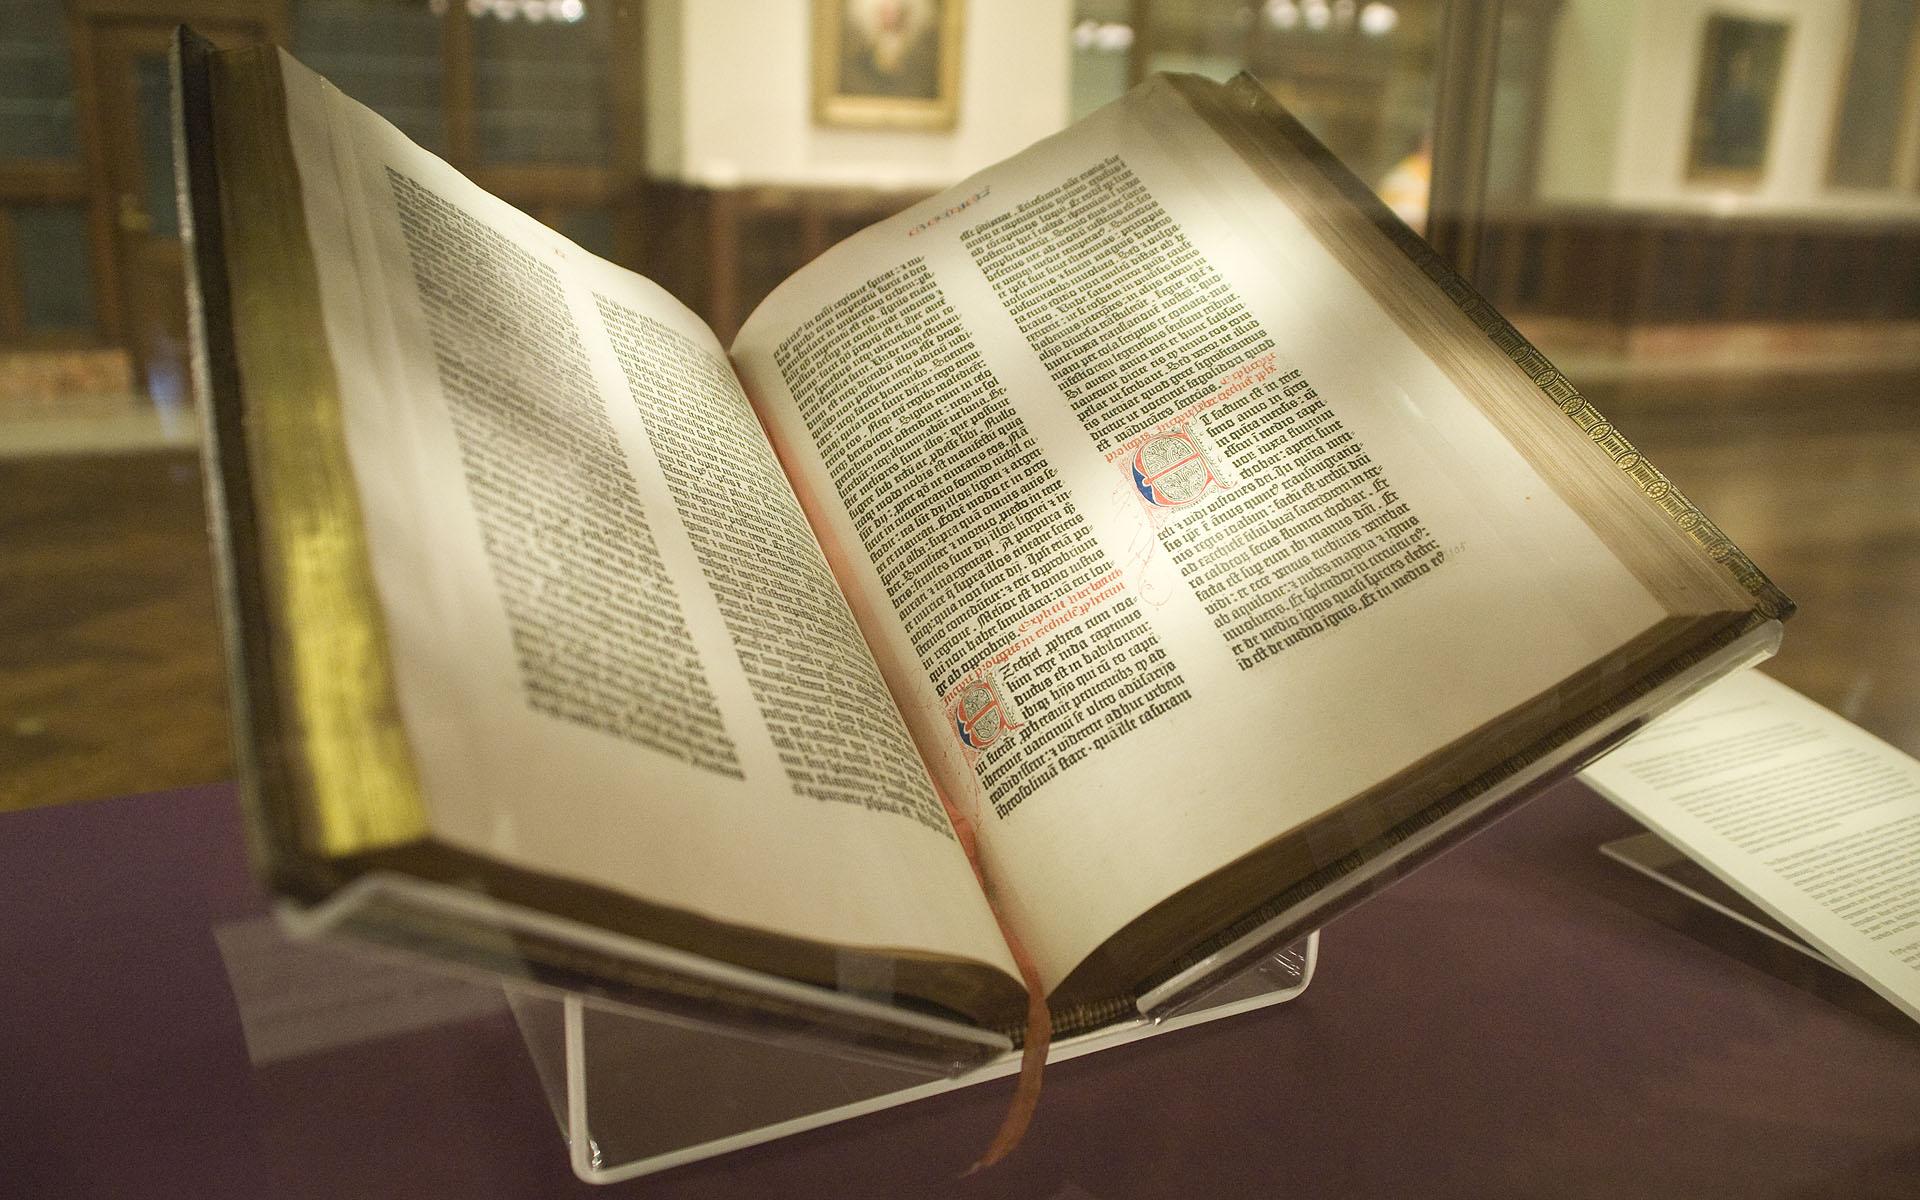 انجیل با خط مشکی در پس زمینه کاملا سفید